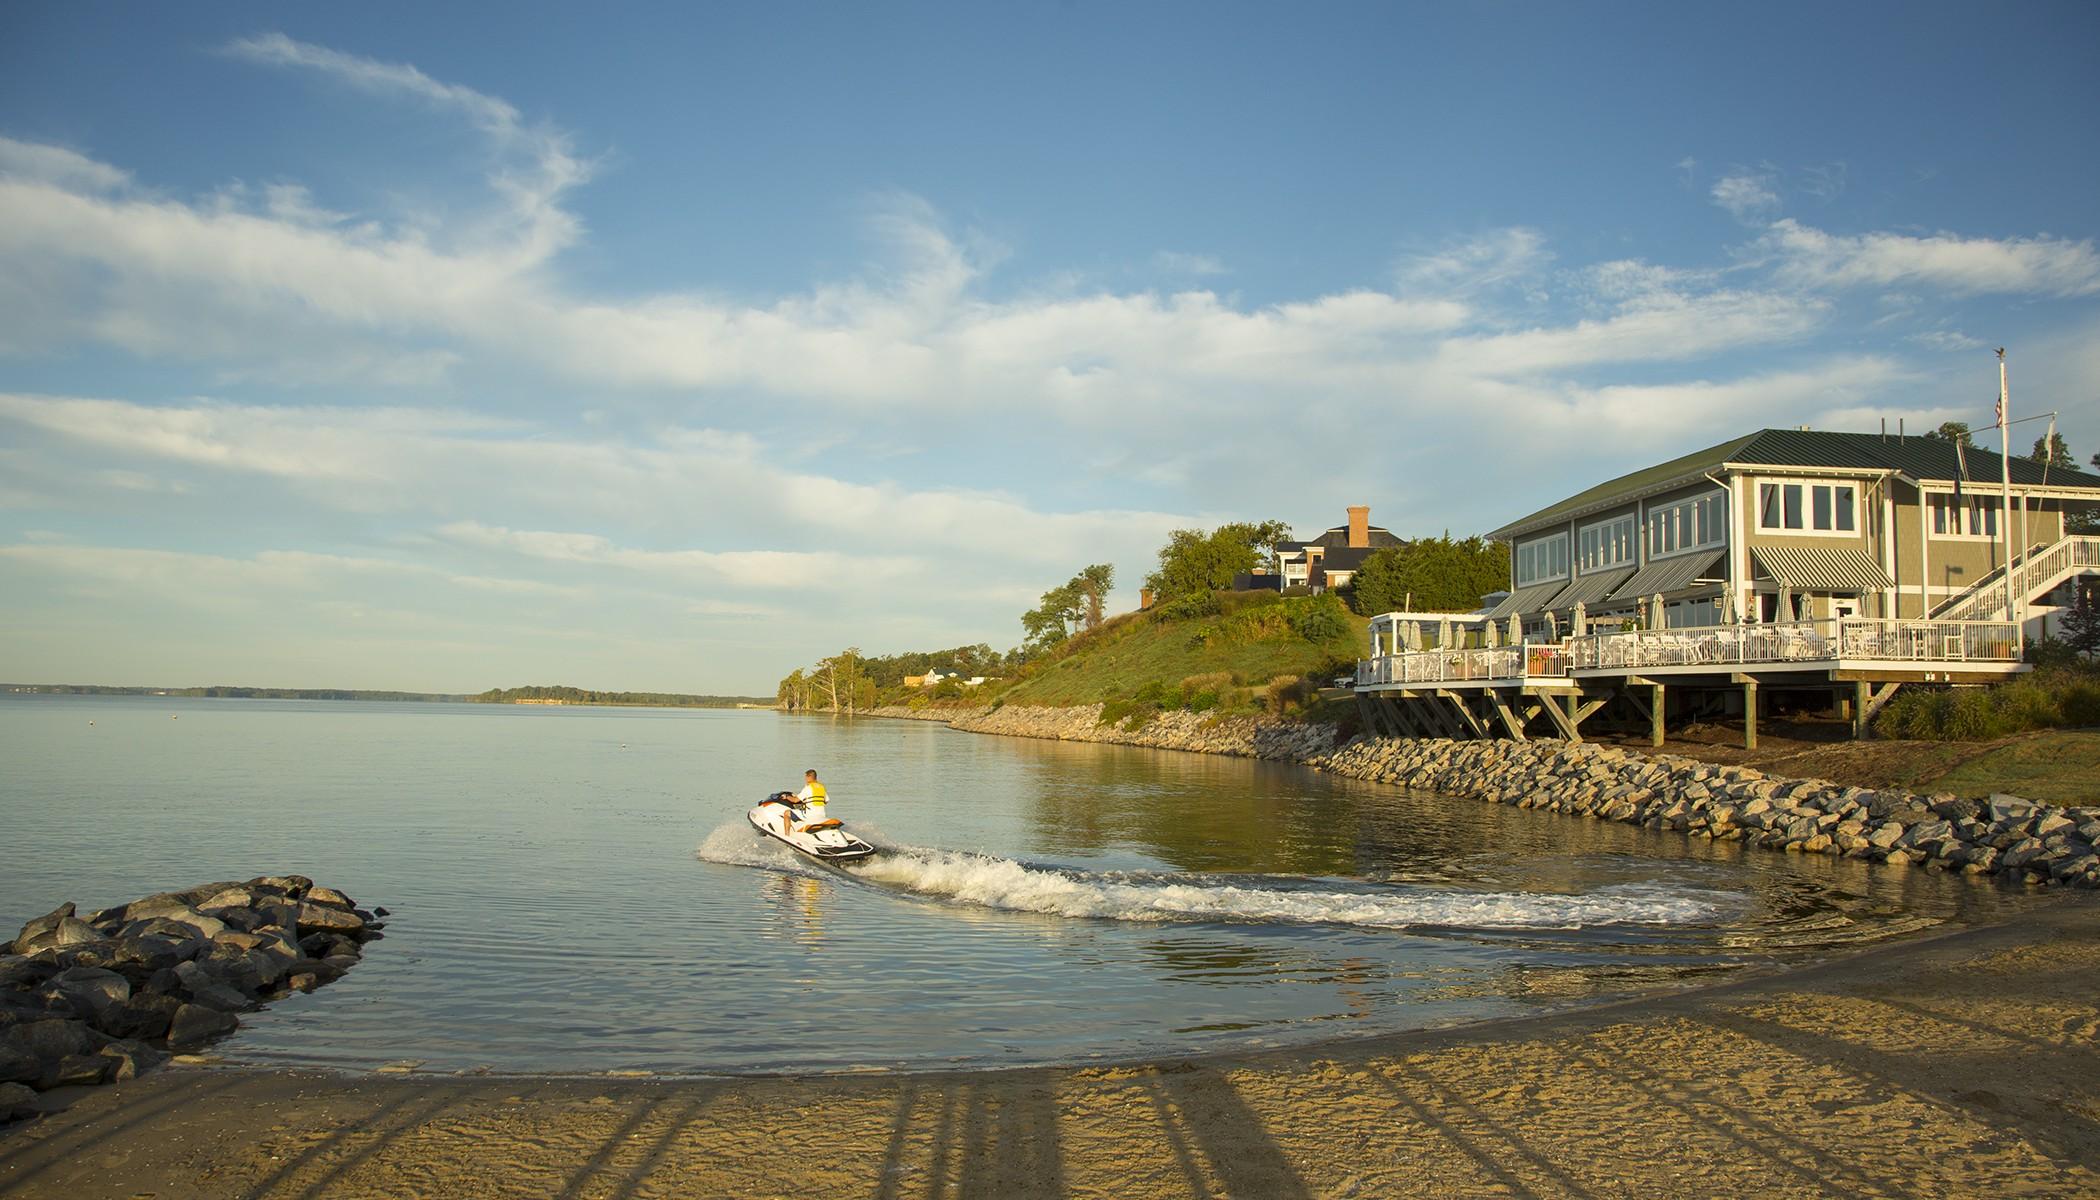 Jet Ski leaving the marina